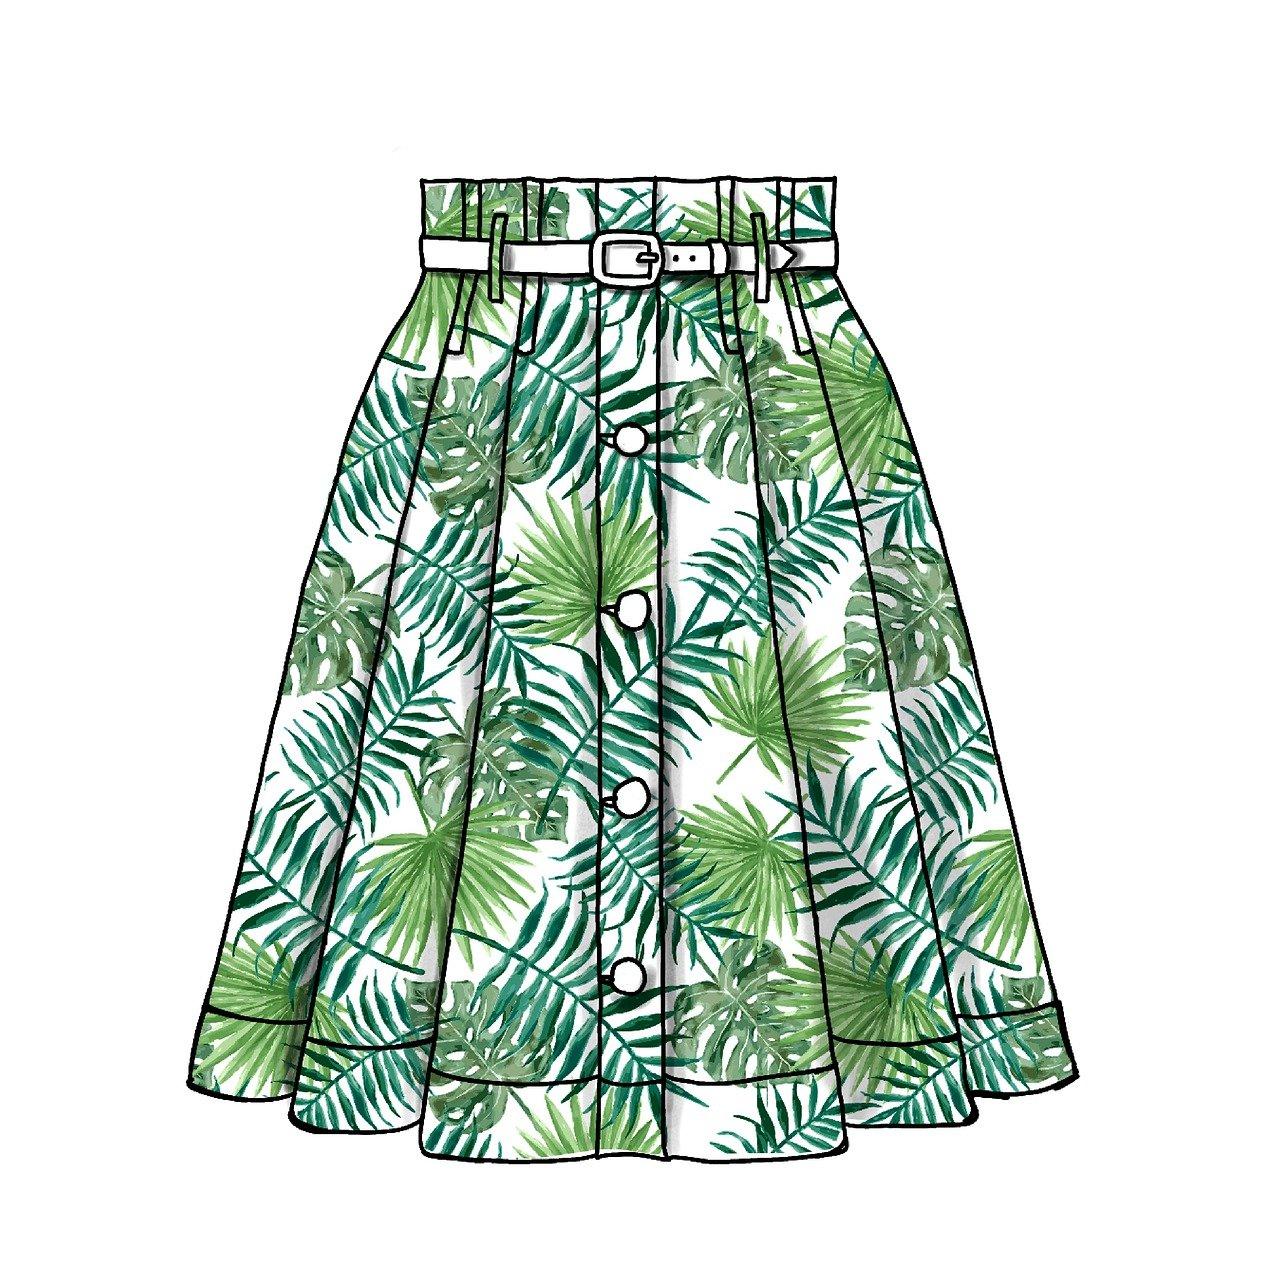 Co to za ubranie? Ubrania - obrazkowy quiz dla najmłodszych